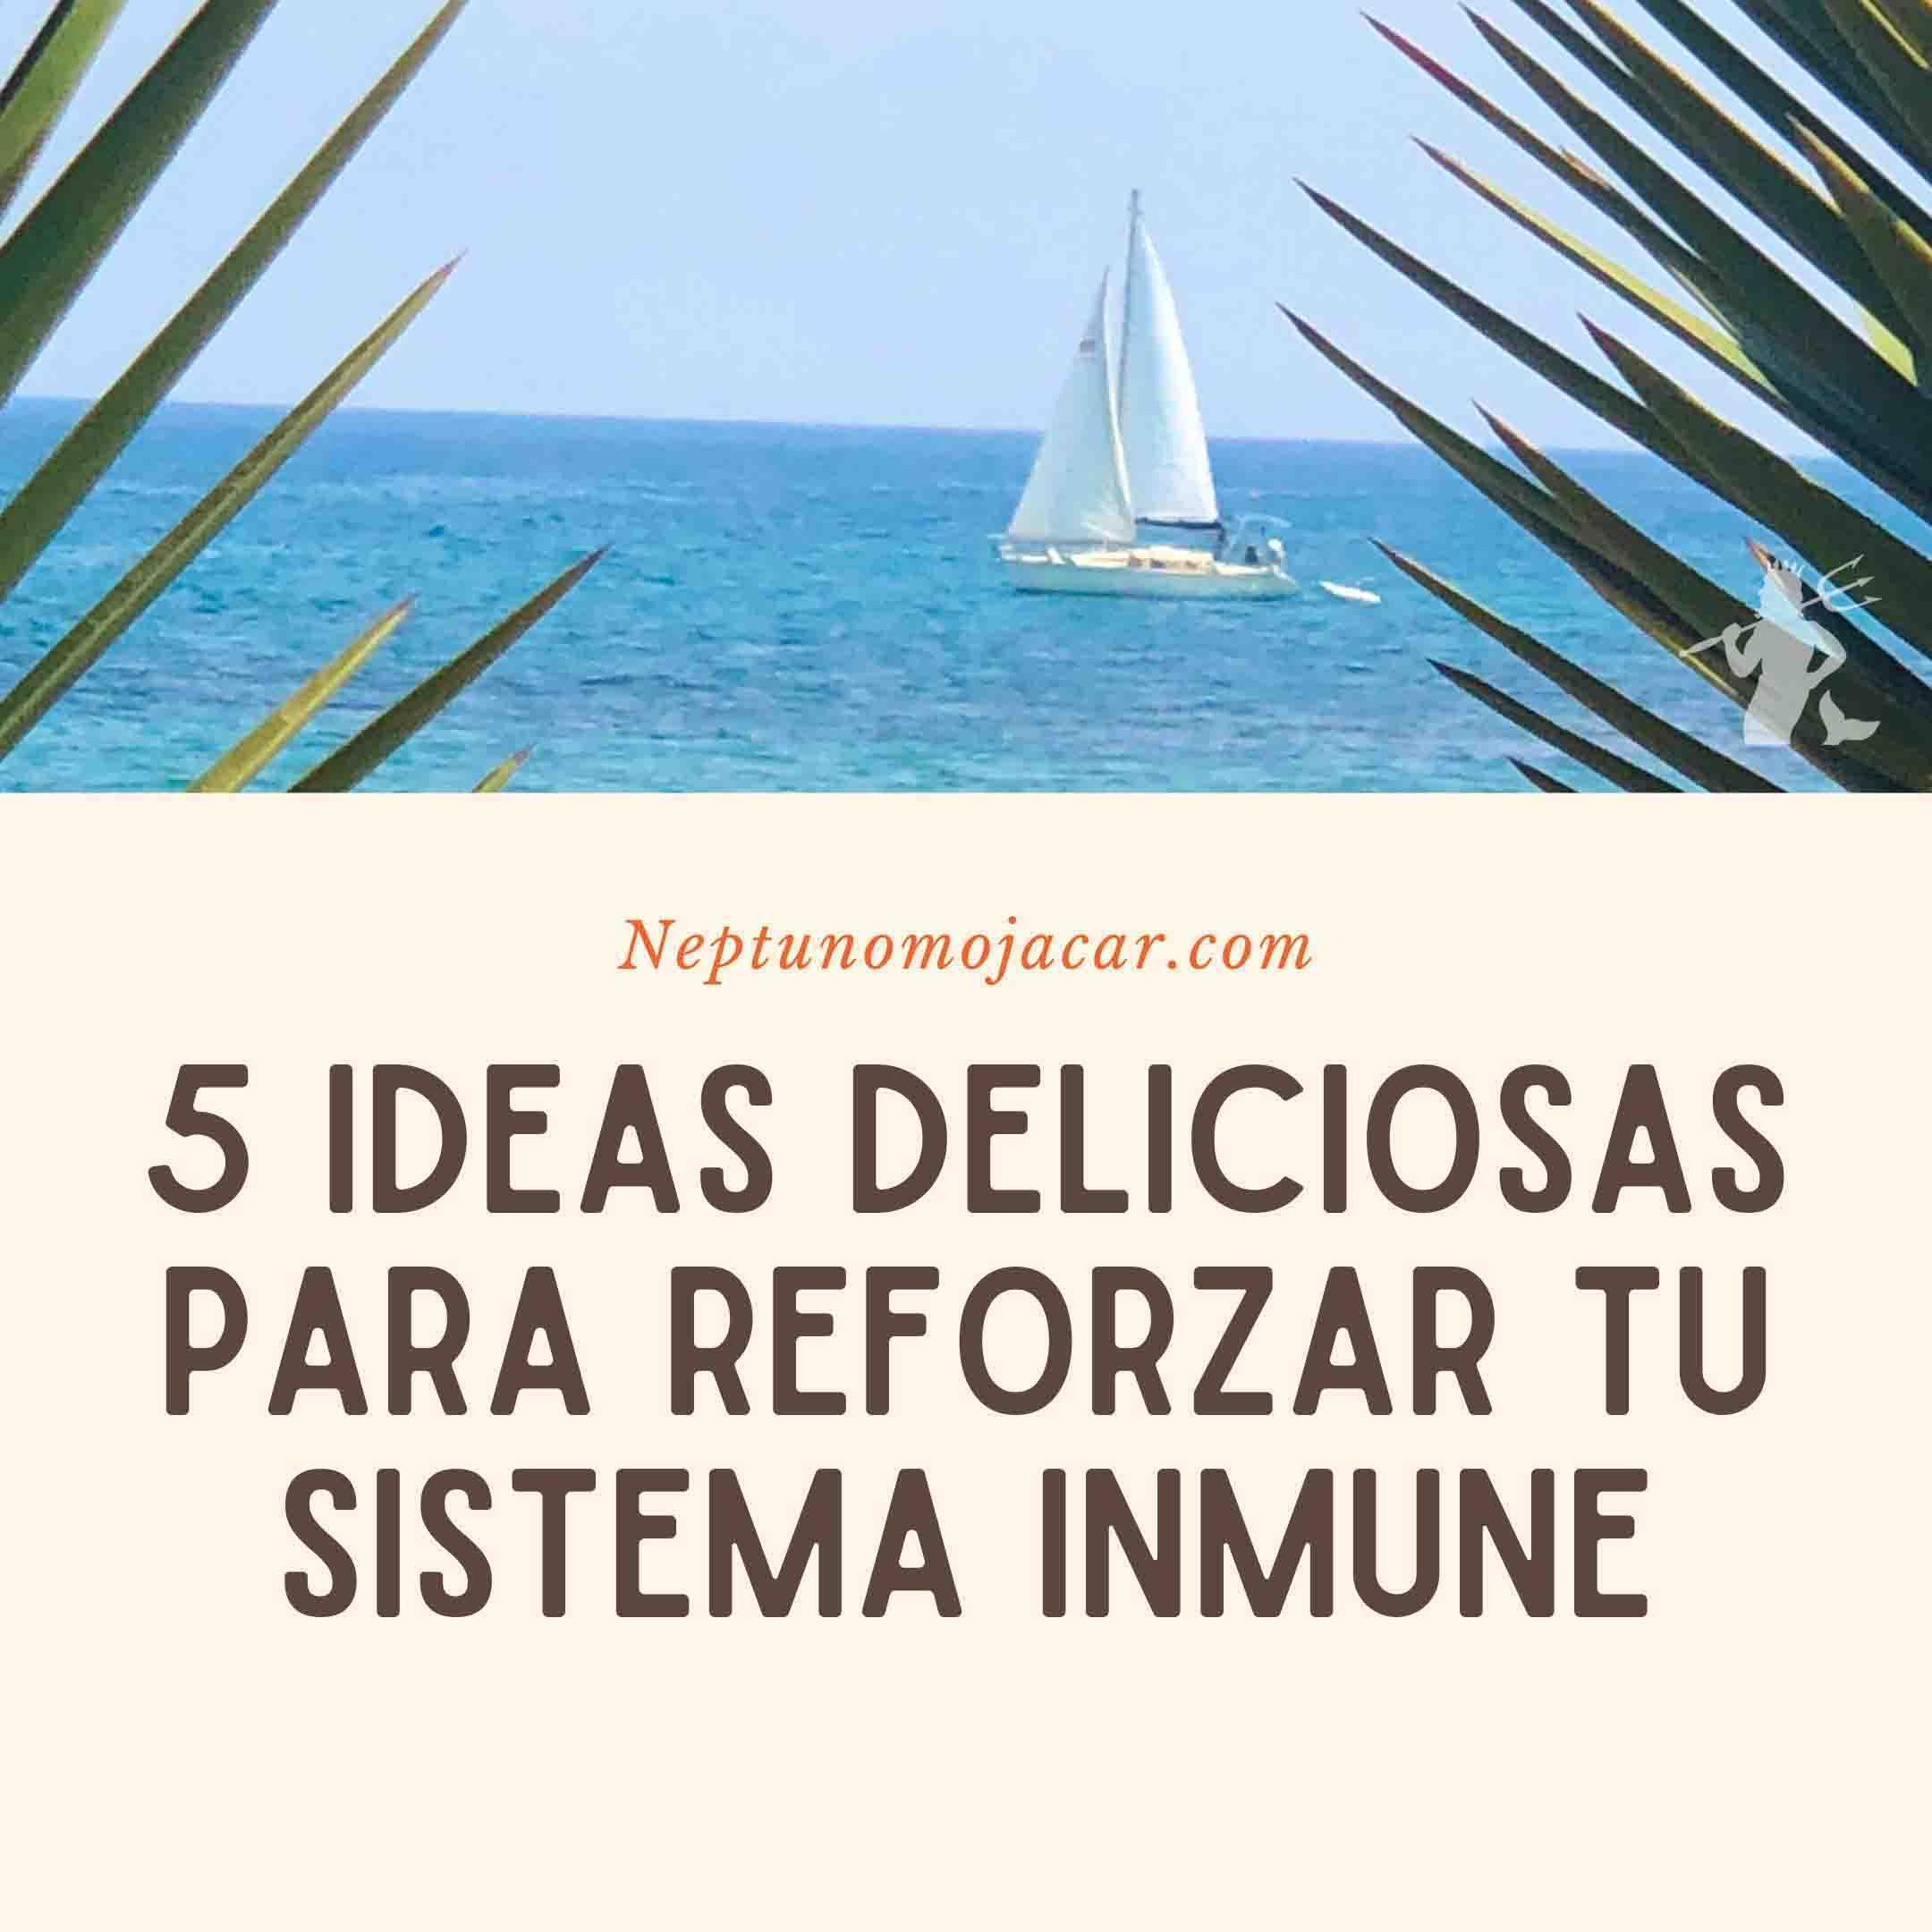 5 ideas deliciosas para reforzar tu sistema inmune